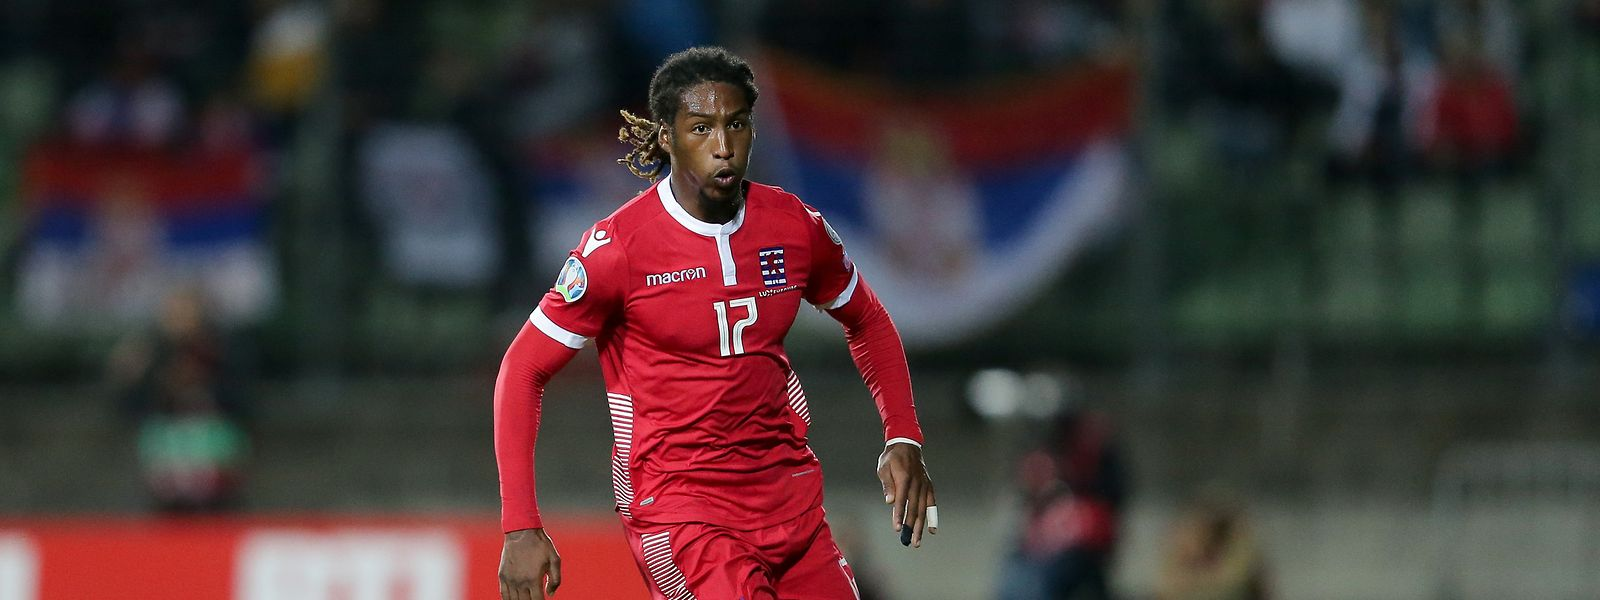 Gerson Rodrigues, hier im Dress der Nationalmannschaft, spielt bei seinem neuen Club bereits eine wichtige Rolle.